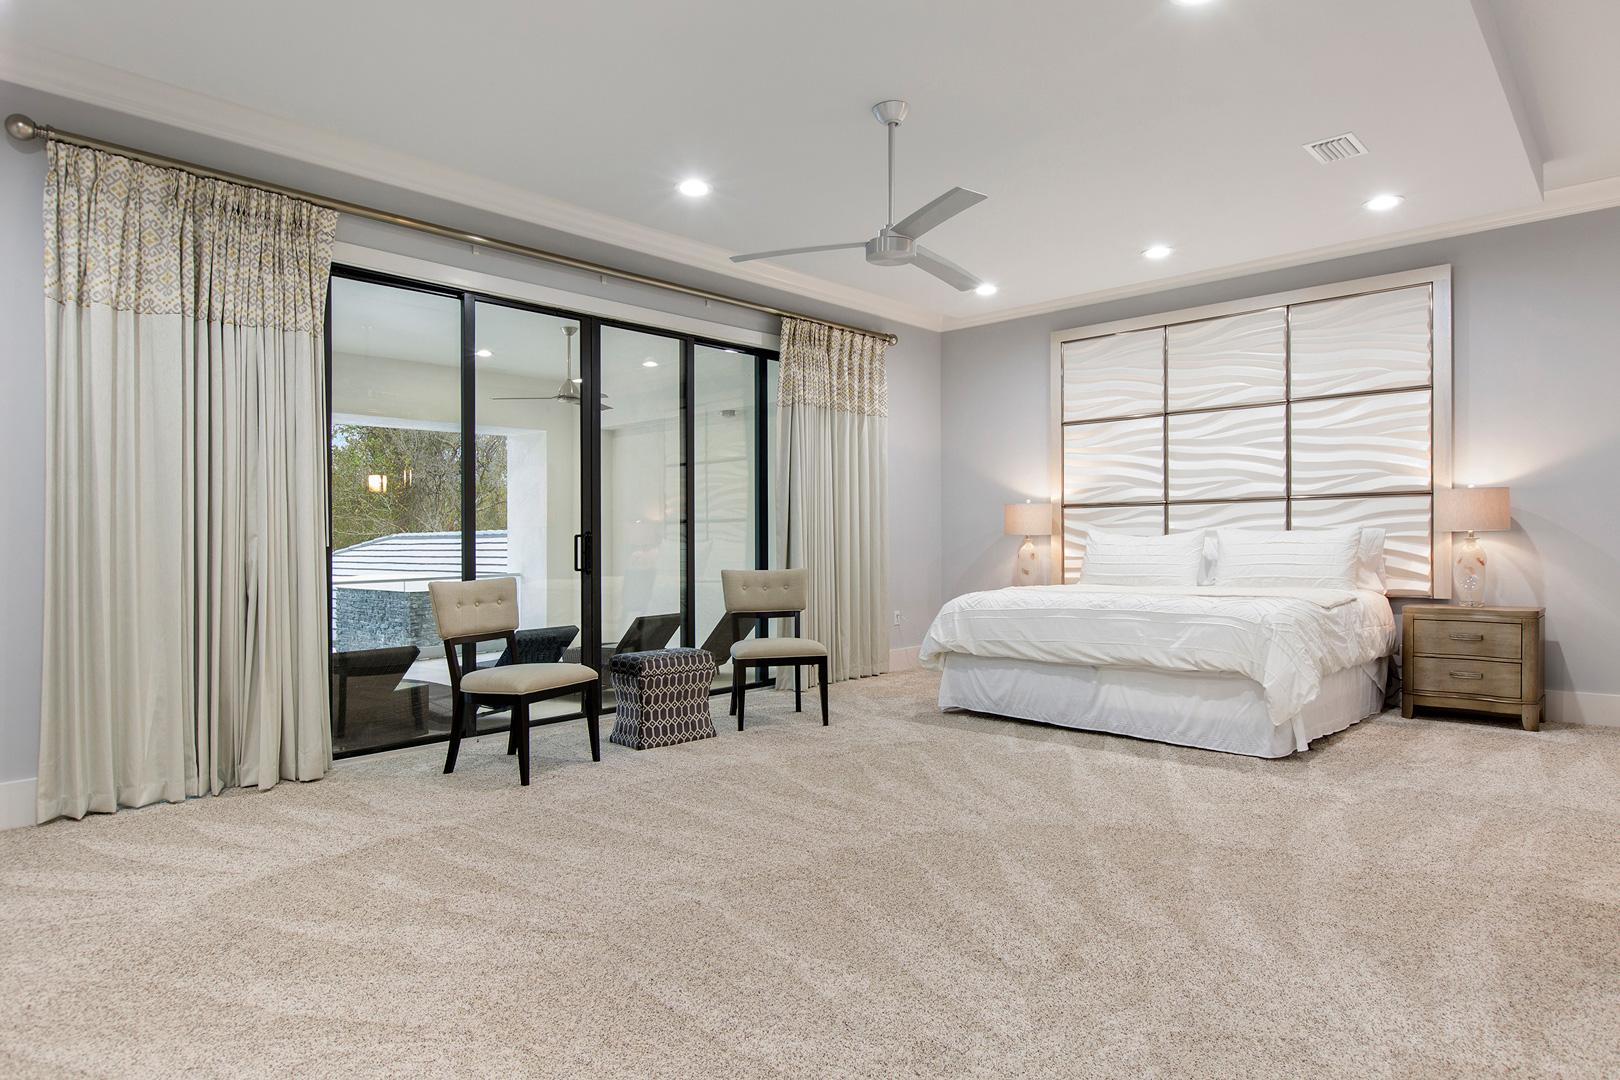 Bedrooms52